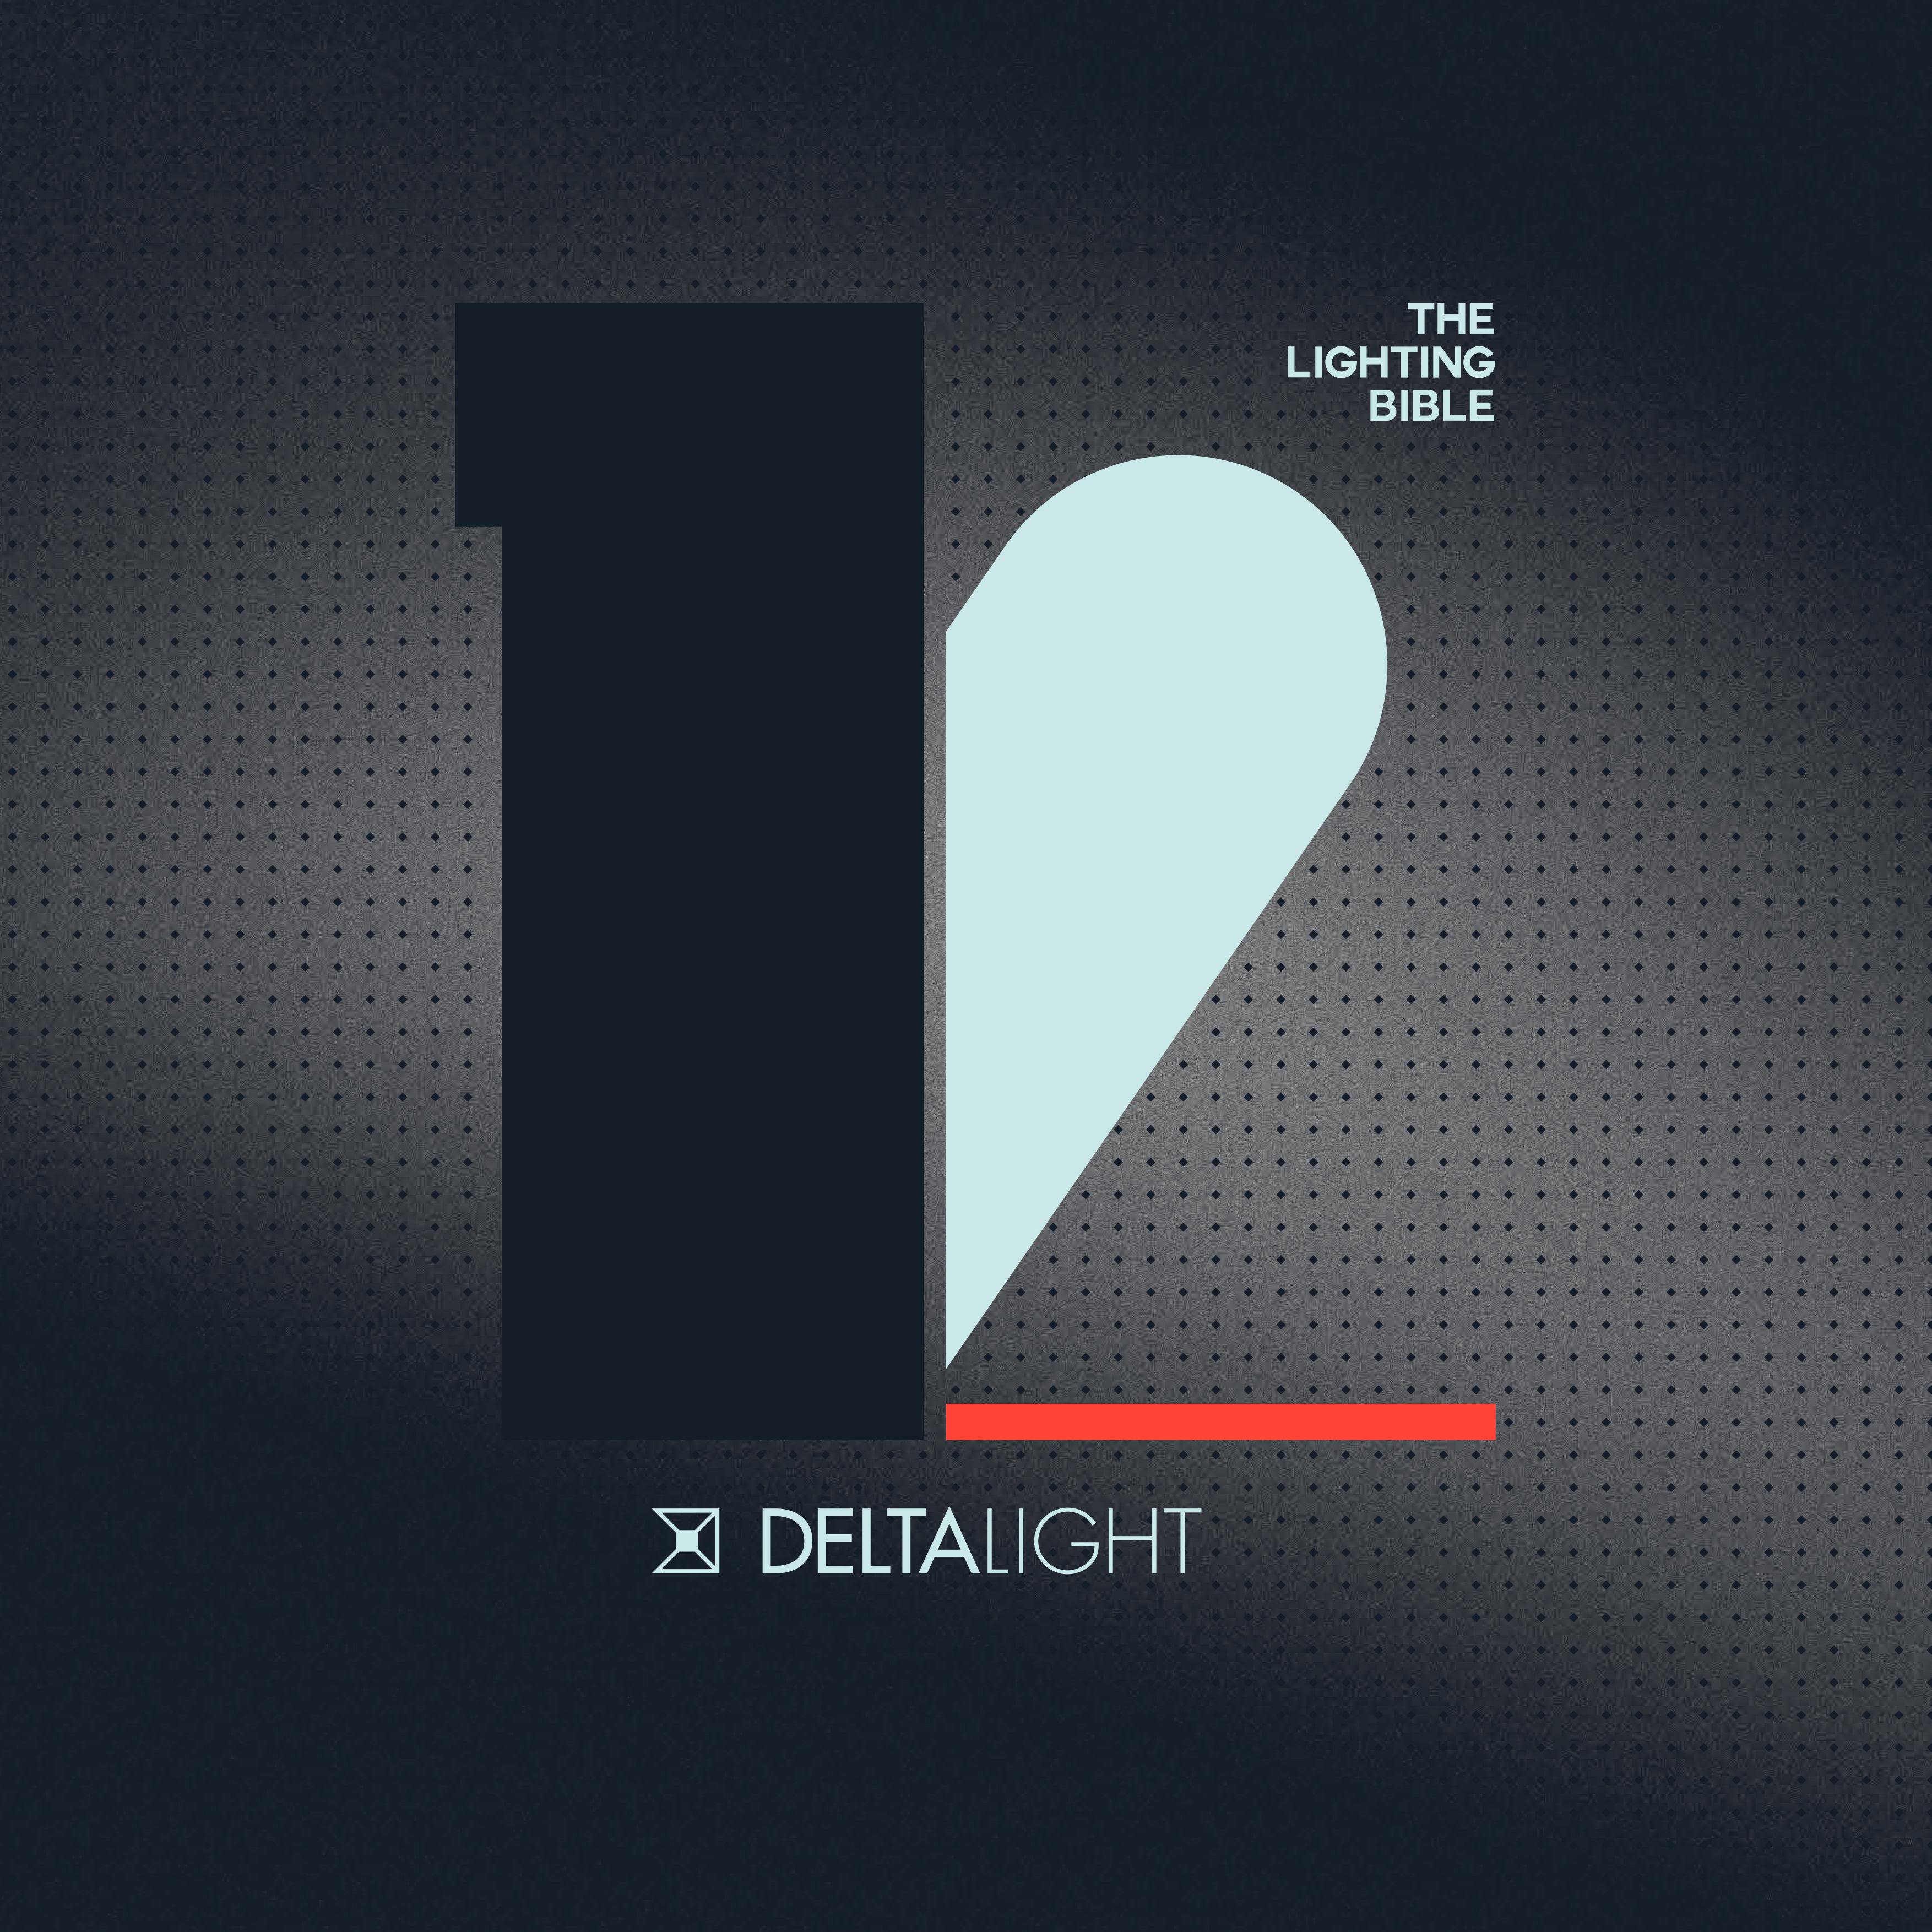 Cataloghi Deltalight